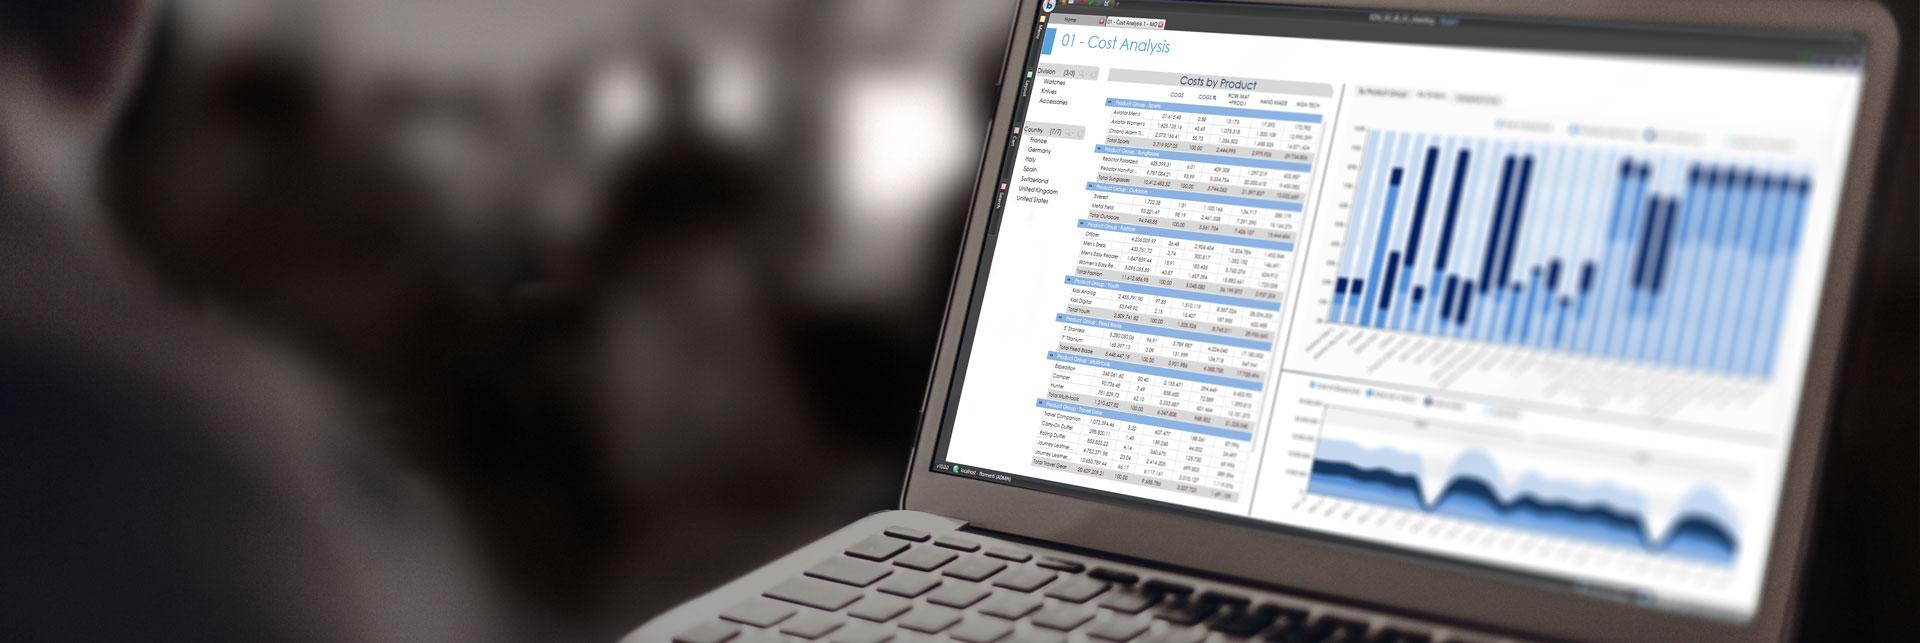 意思決定の効率化・高度化を実現するオールインワンプラットフォーム